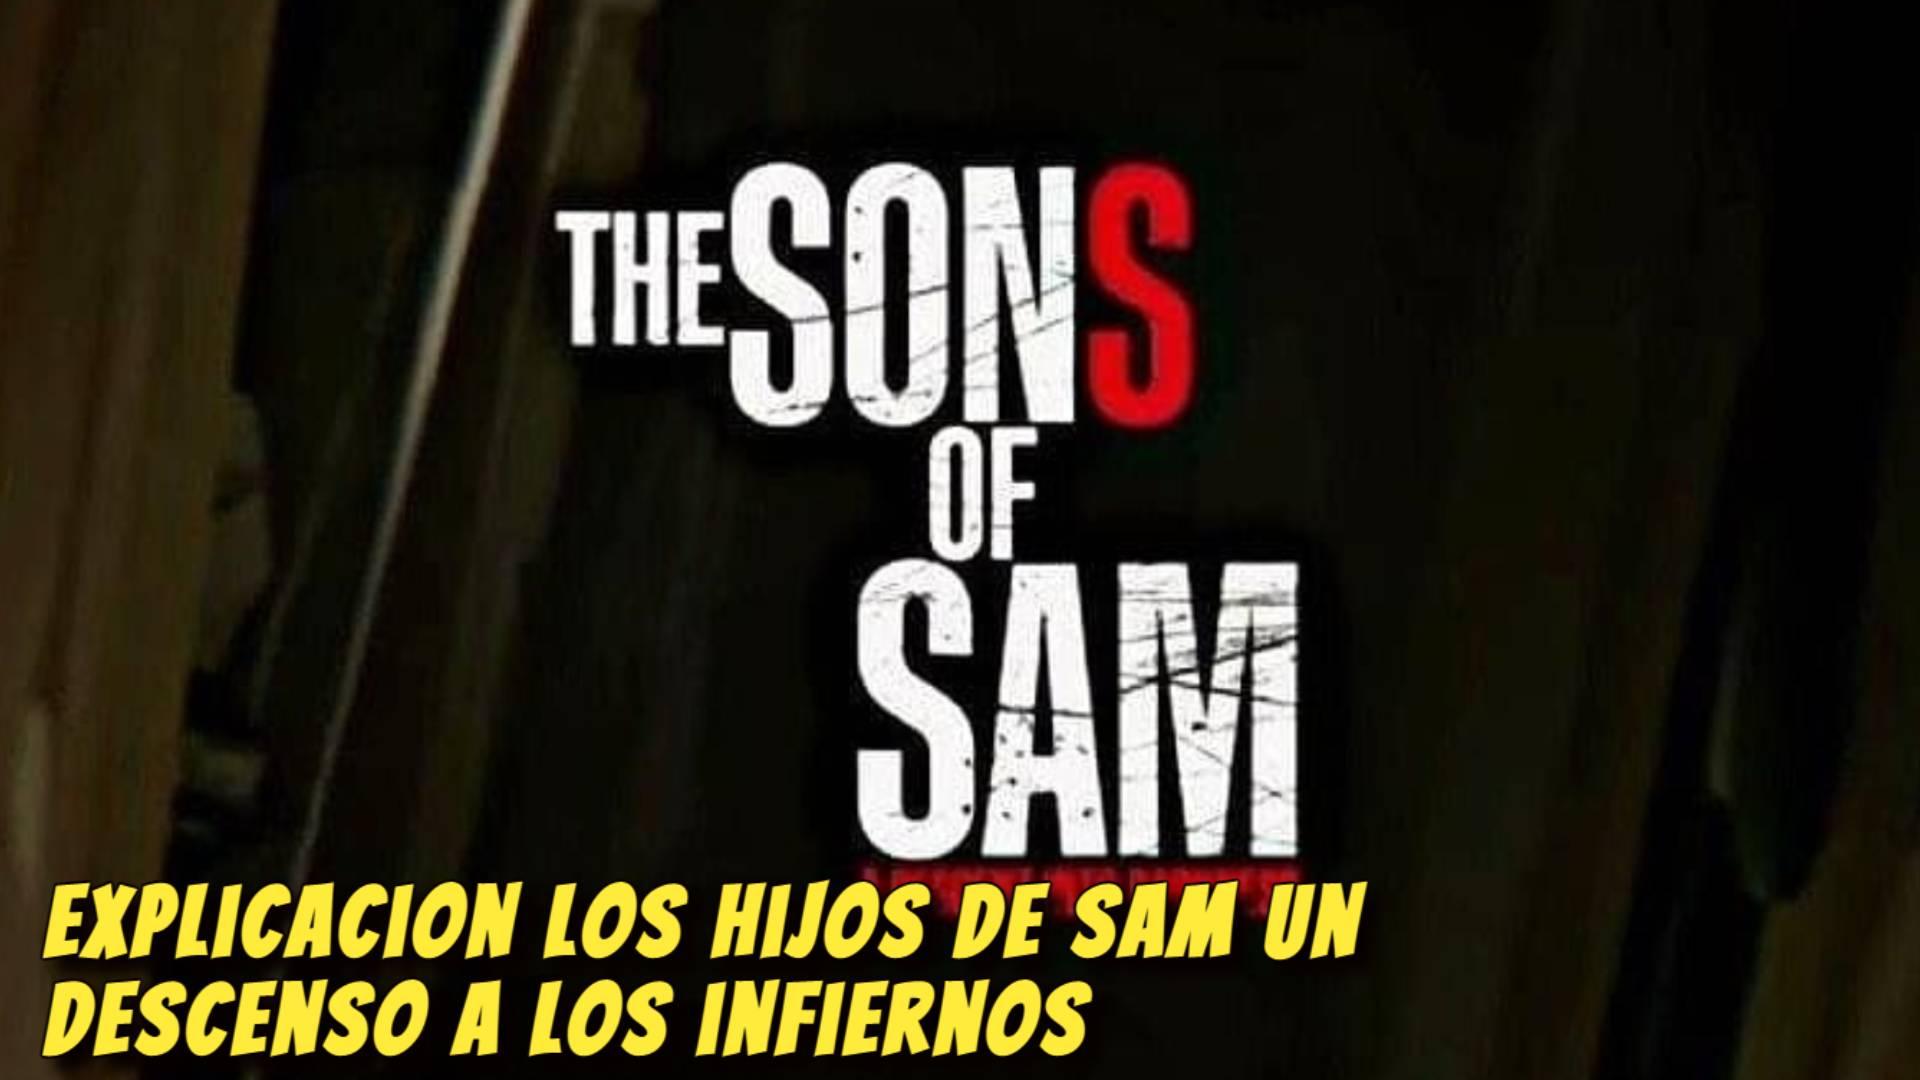 Explicacion Los Hijos de sam Un descenso a los infiernos